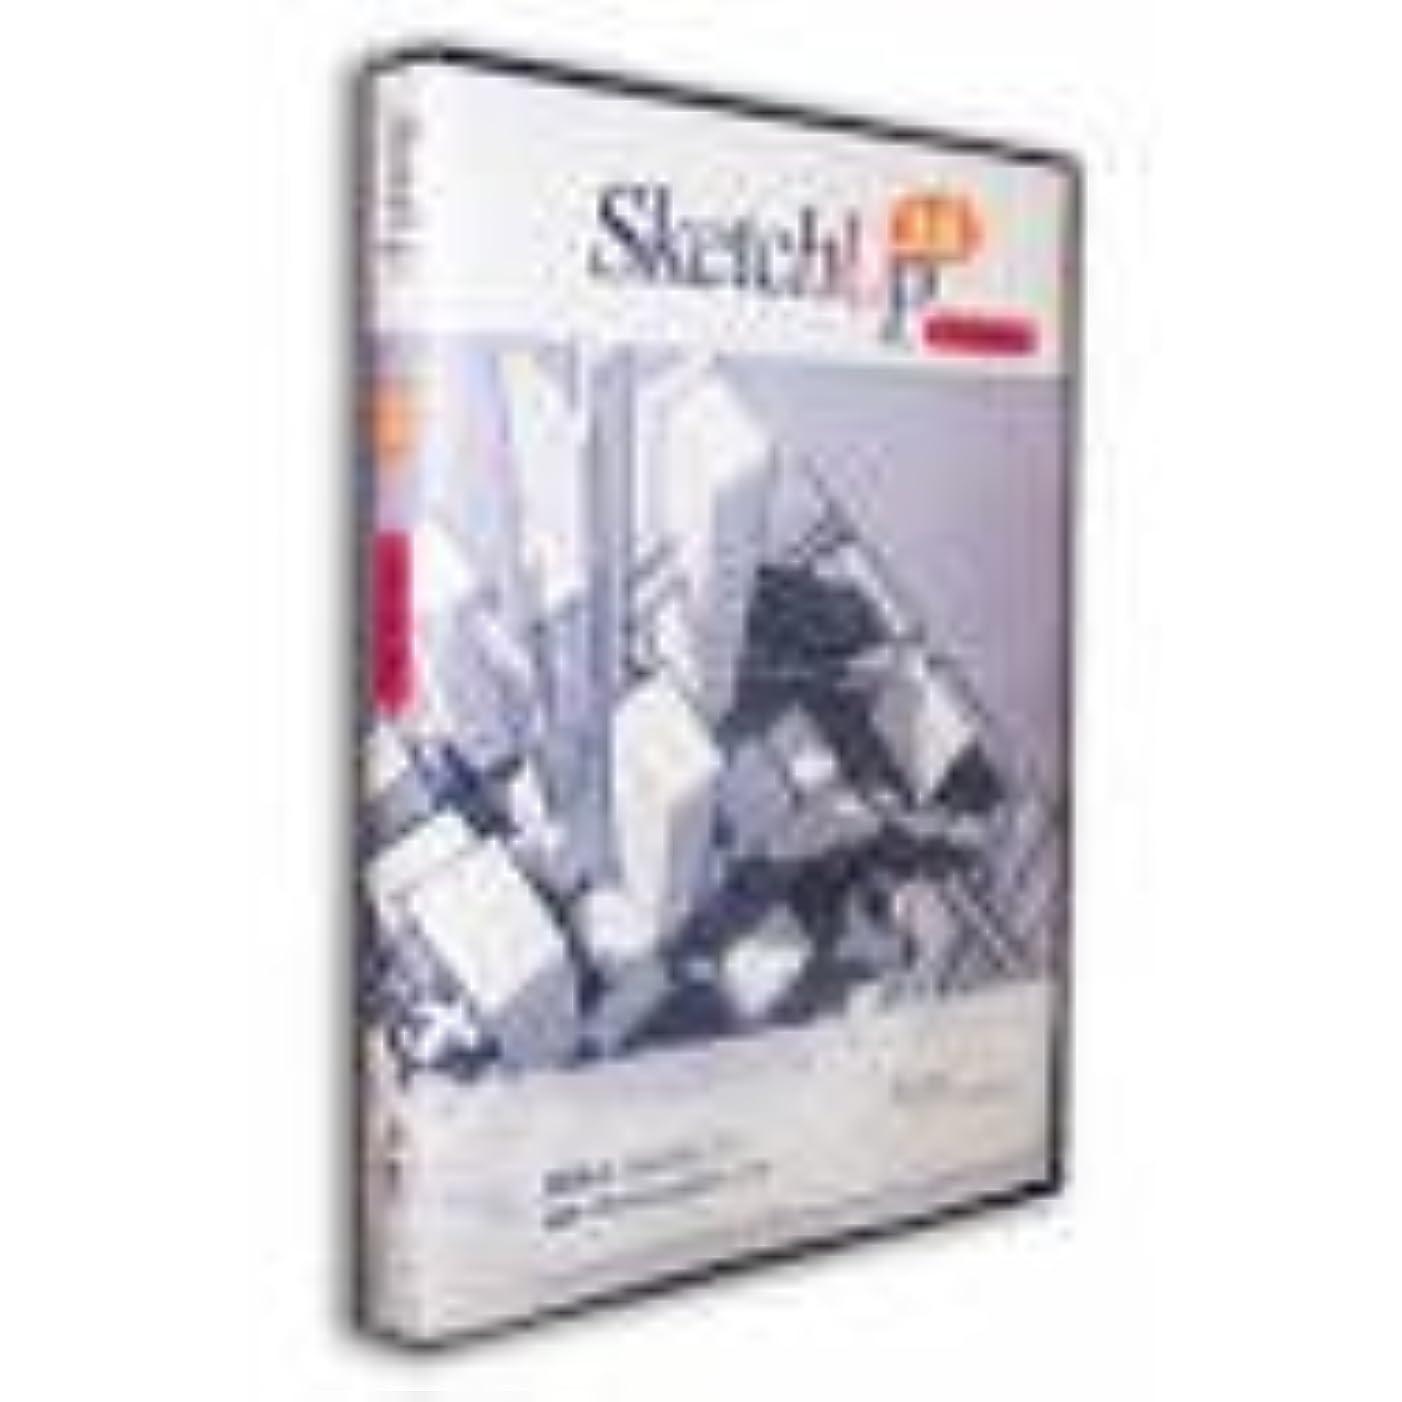 投票お祝い捕虜SketchUp 3.0 for Windows 日本語版